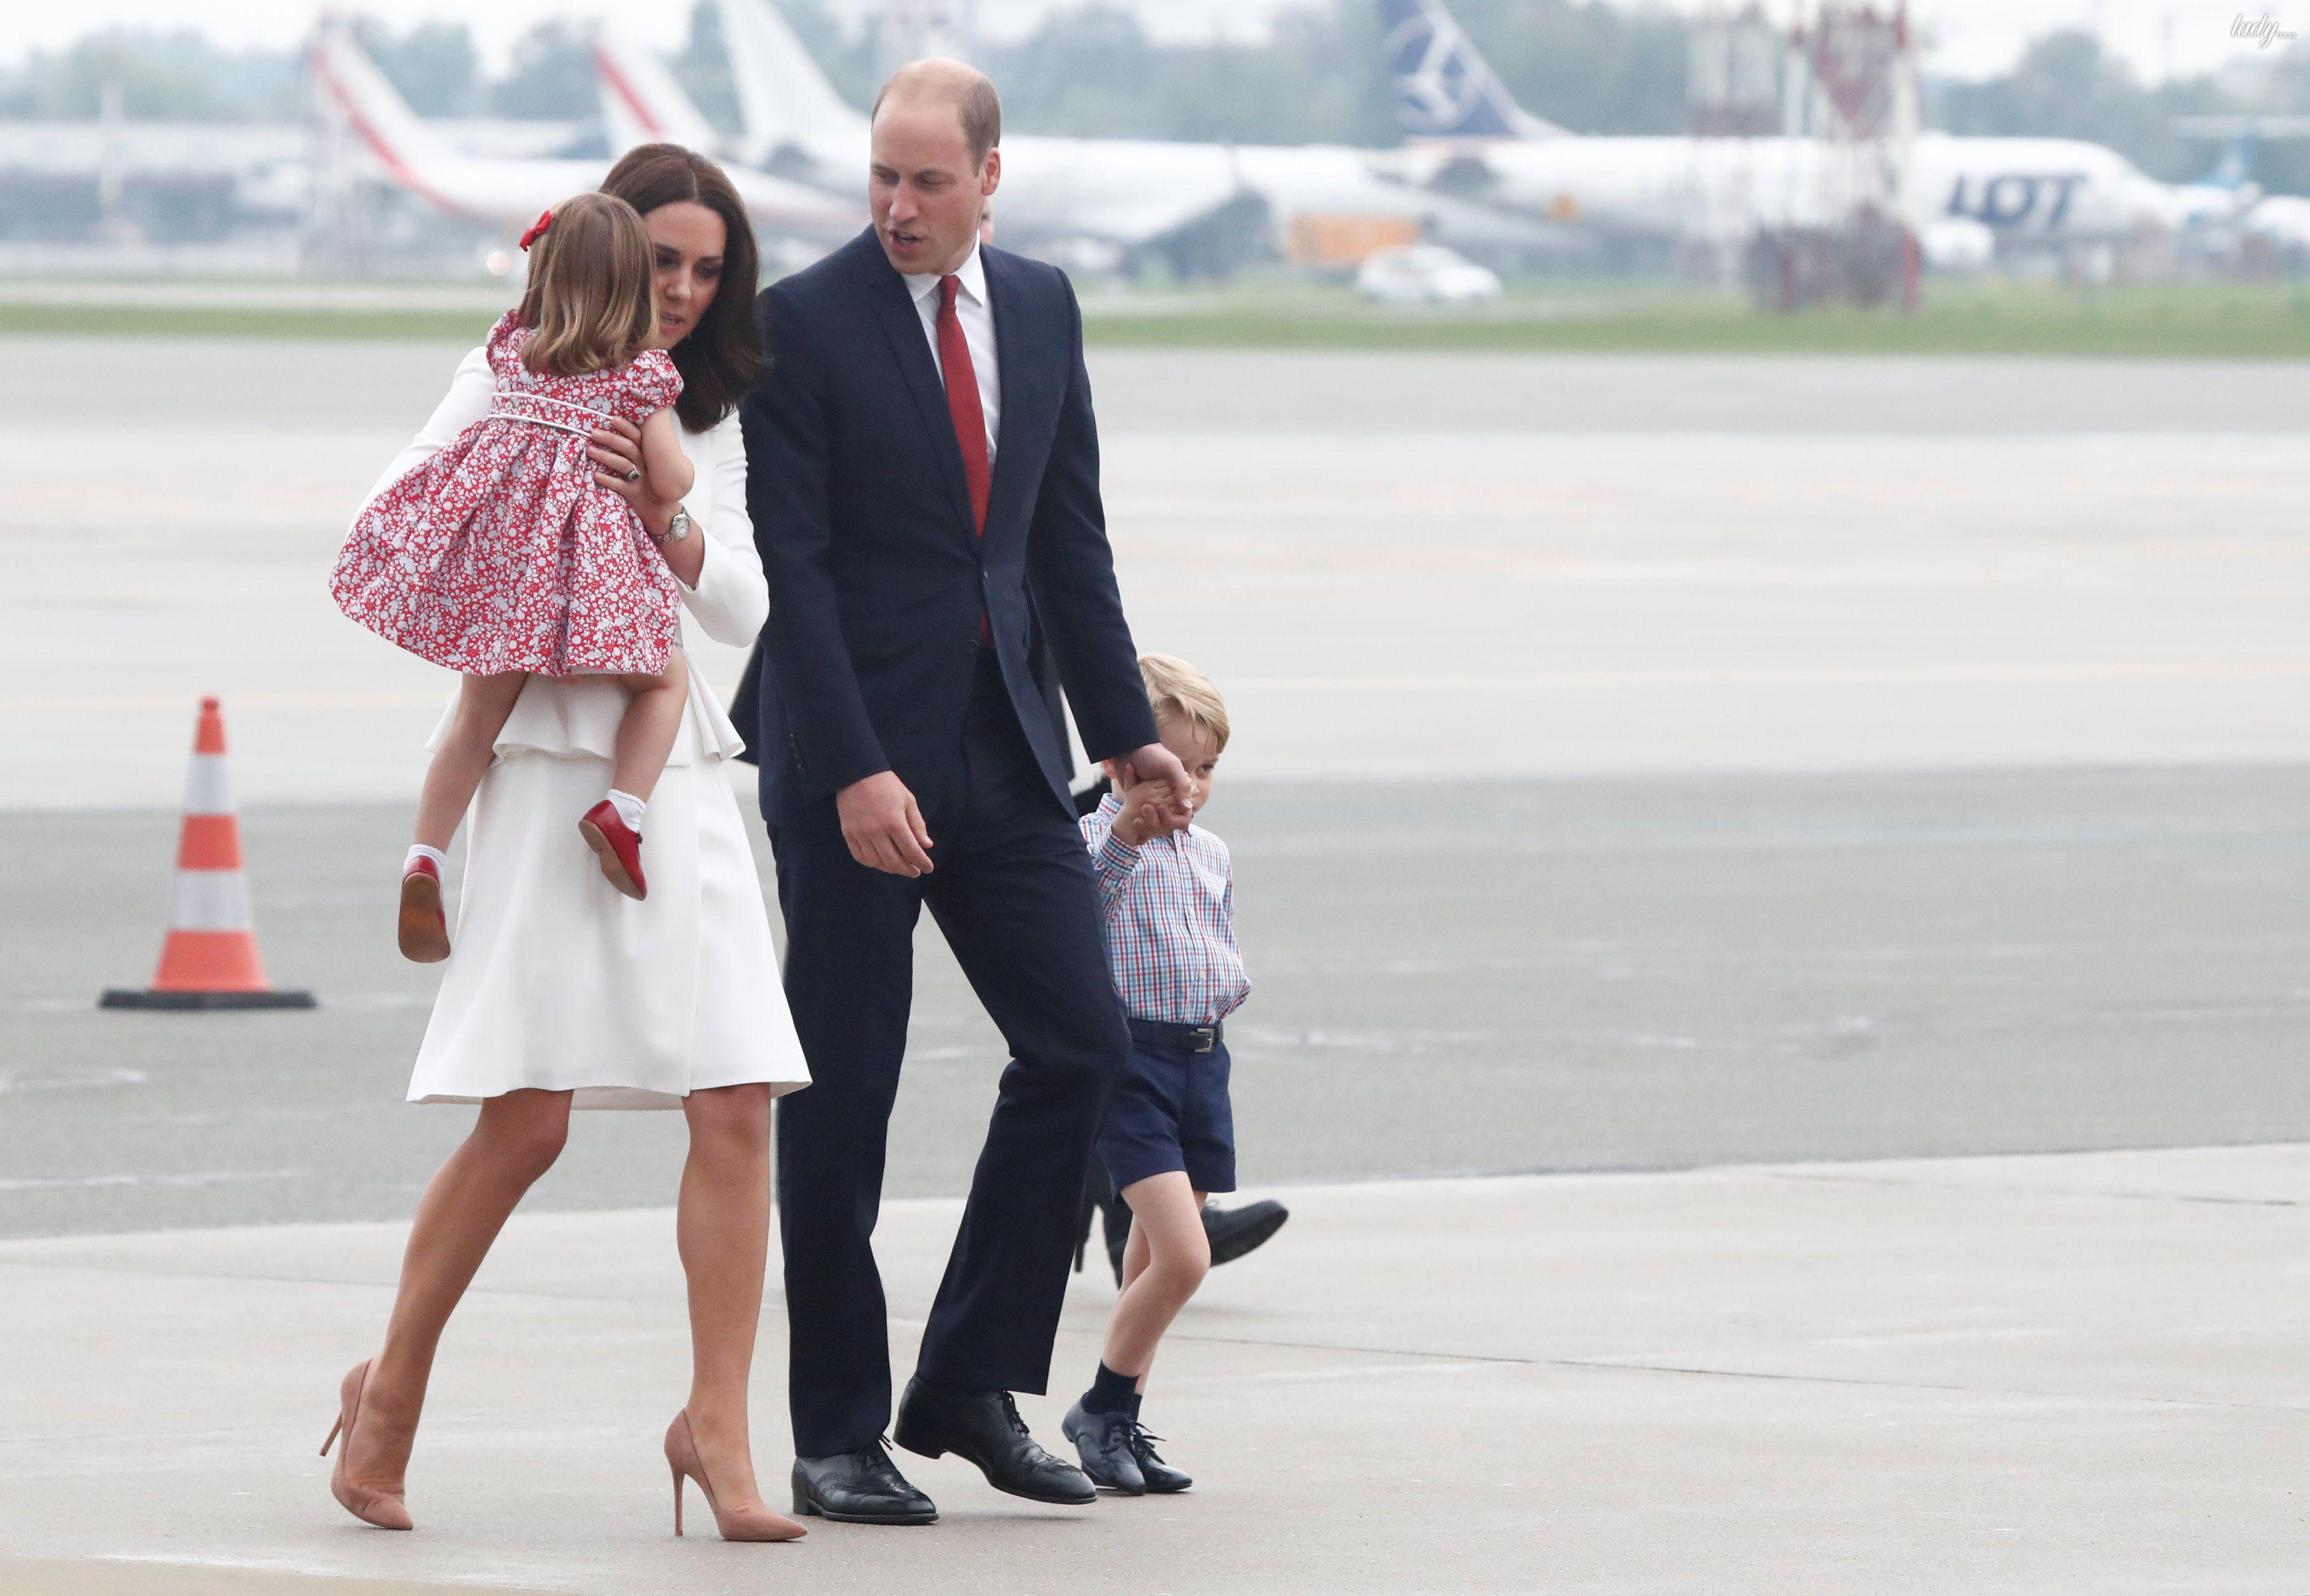 Принц Уильям, герцогиня Кембриджская, принц Джордж и принцесса Шарлотта прибыли в военный аэропорт в Варшаве_4